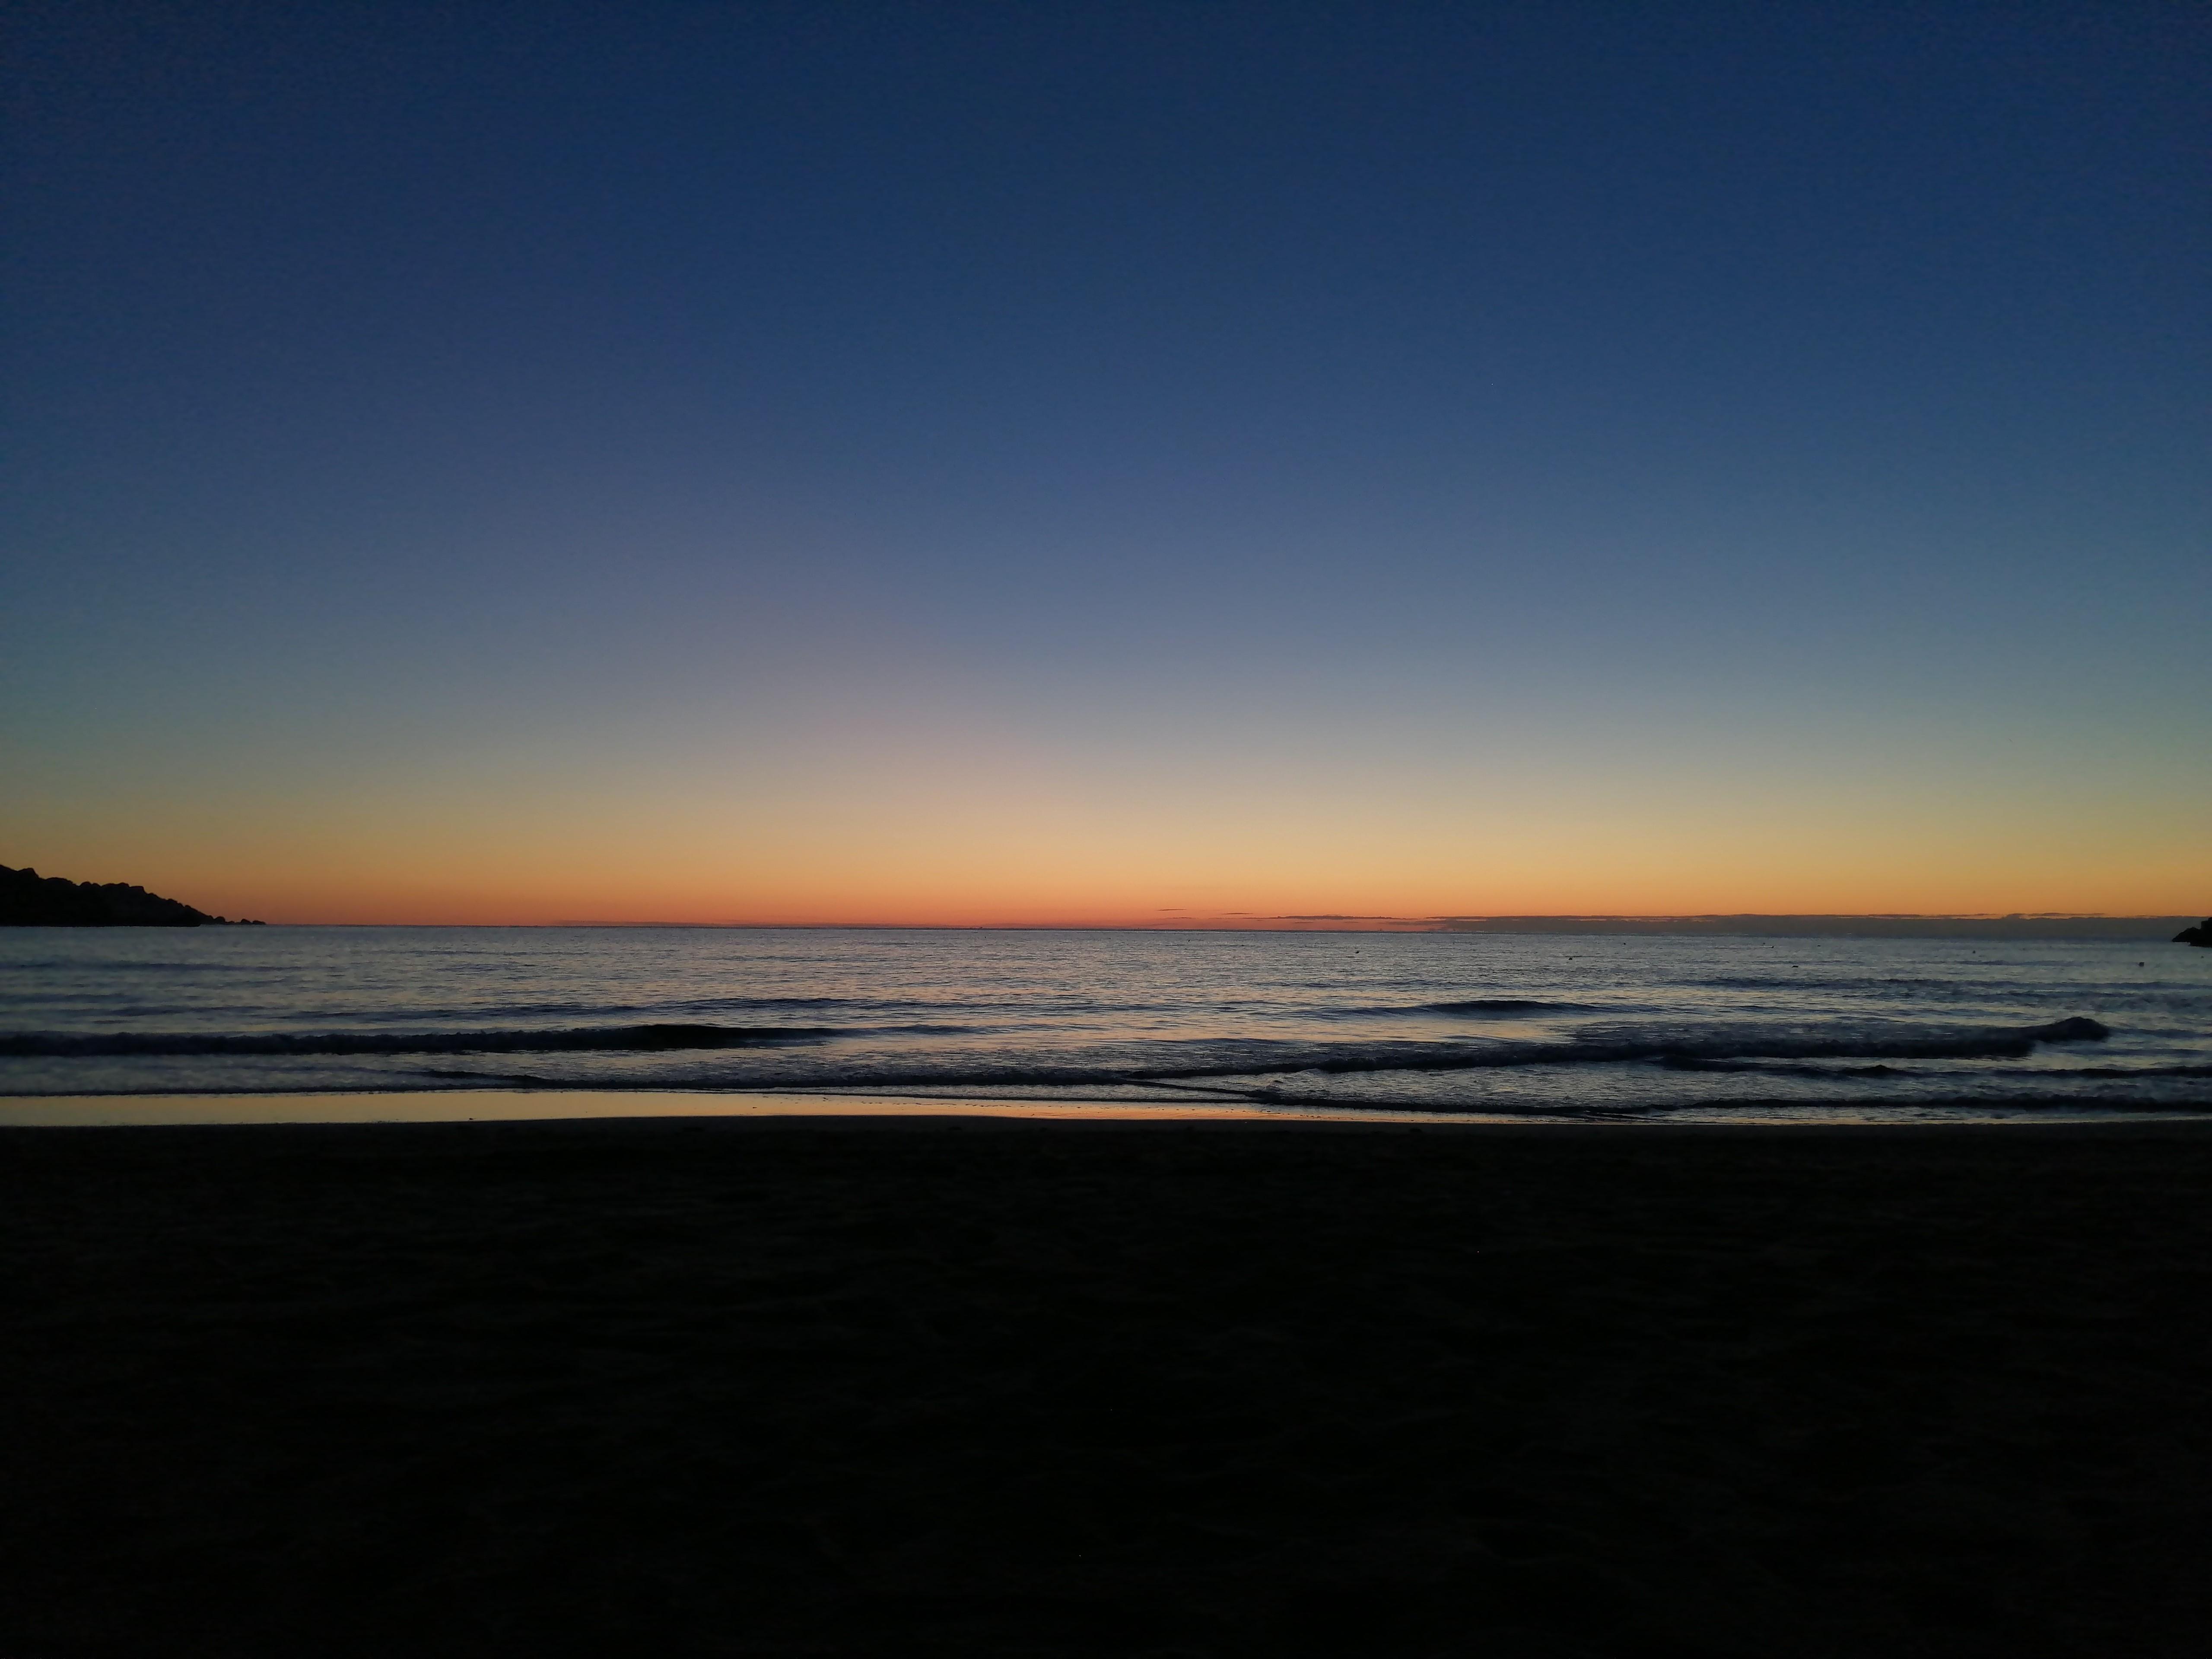 coucher de soleil à Golden Bay Beach, Malte - Twelve Magazine